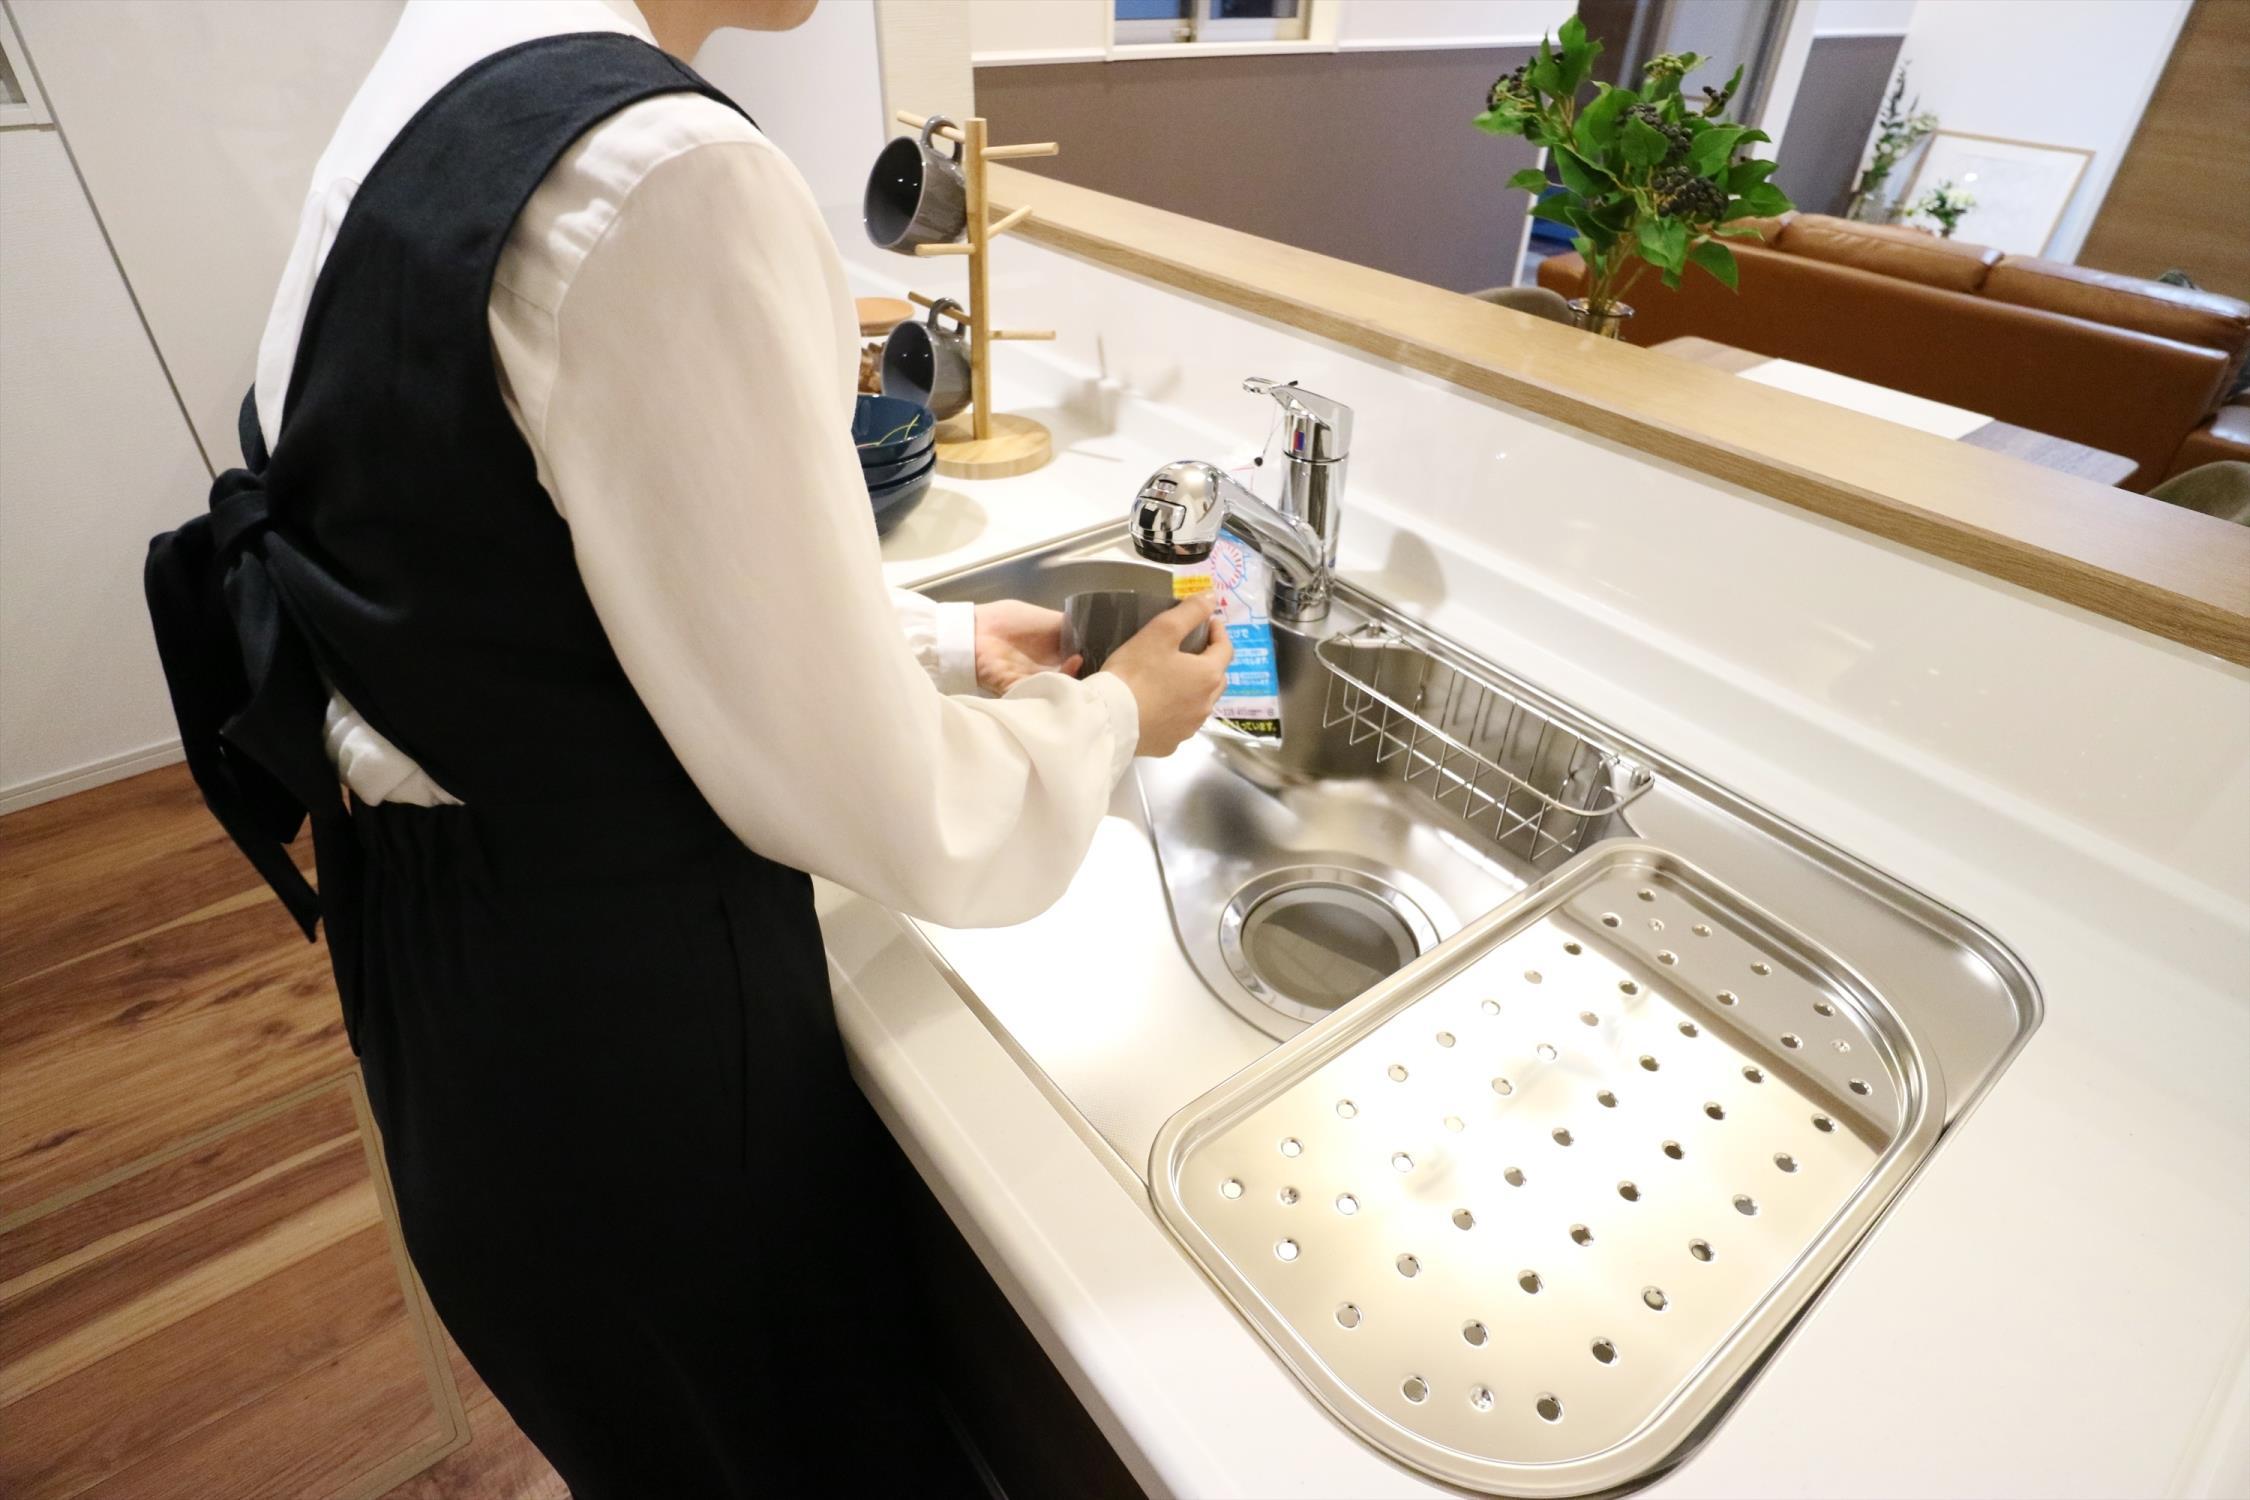 食器や野菜などの水洗いがスムーズにこなせるハンドシャワーのついた水栓。浄水器一体型なので便利です。